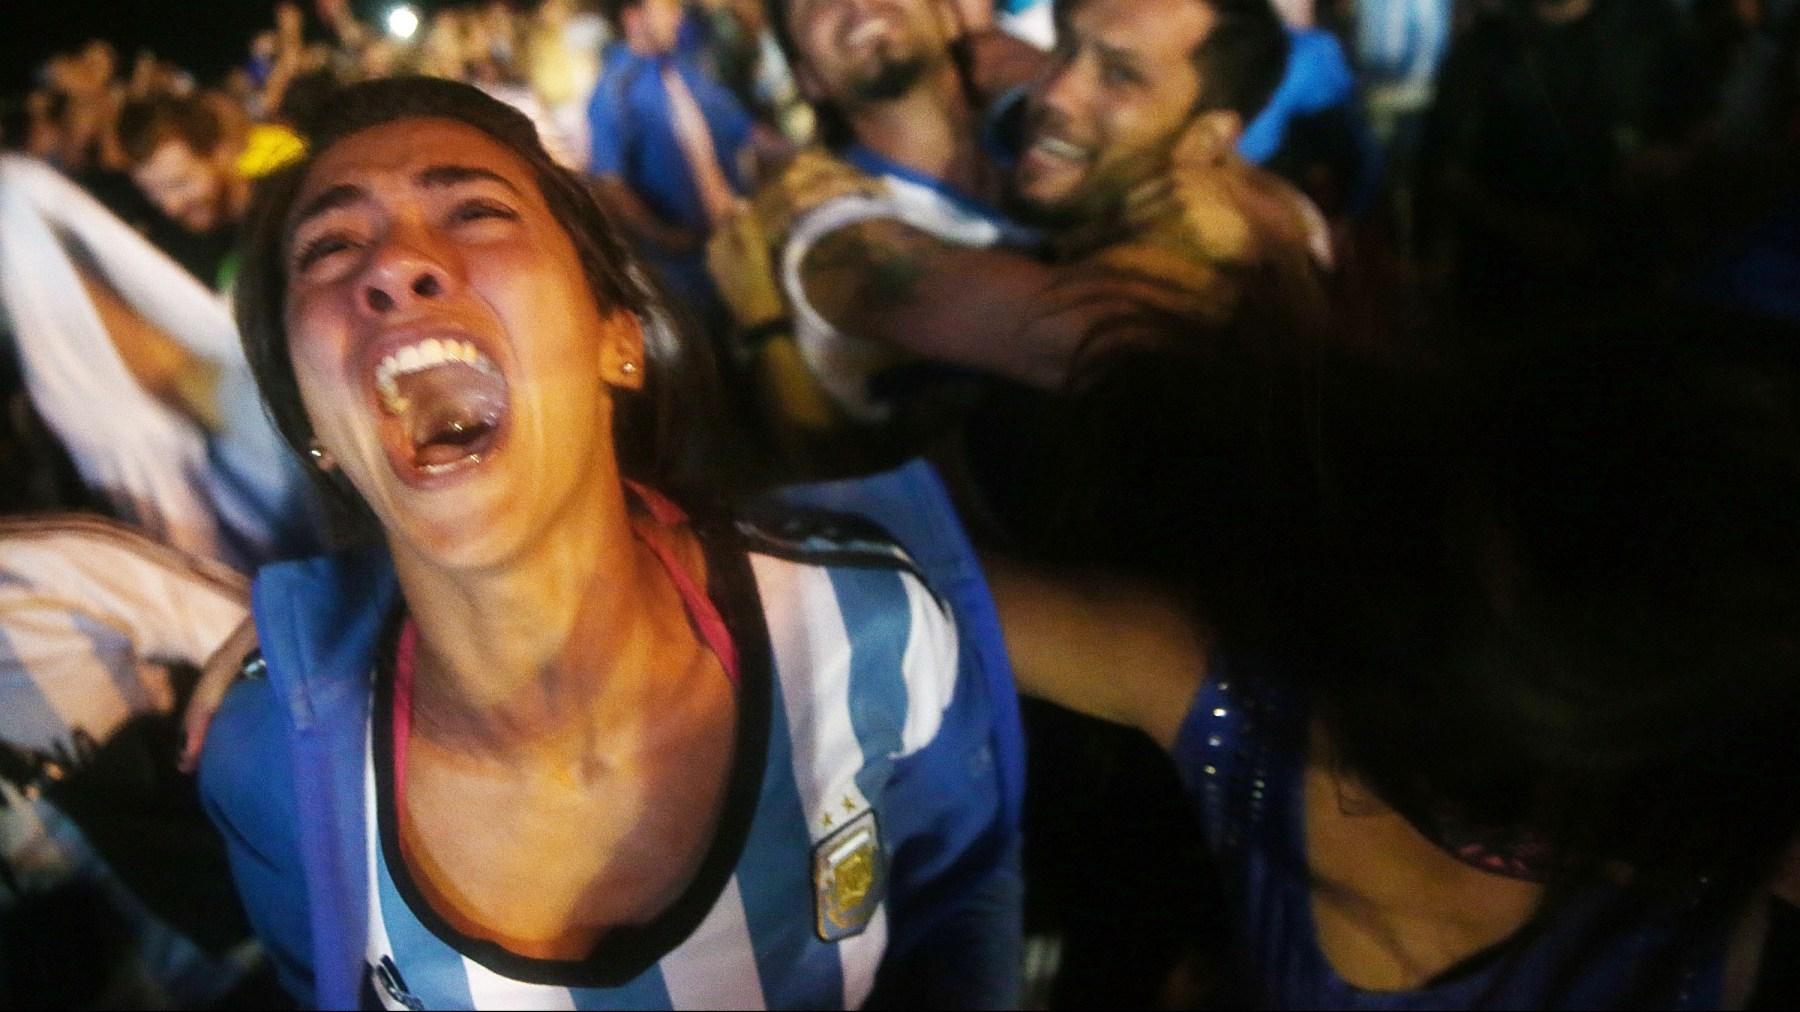 Argentina Soccer Hooligans